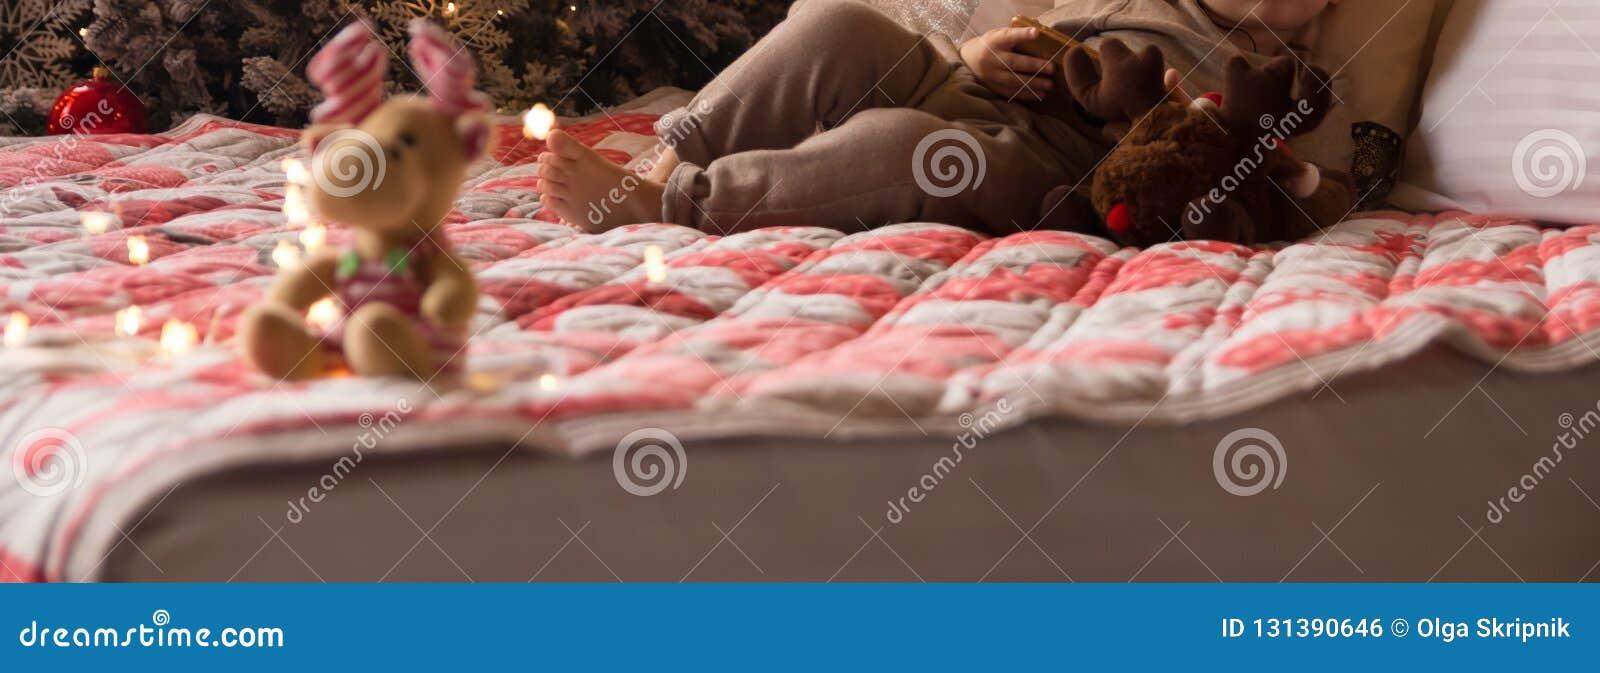 Небольшой ребенок лежит на кровати с лосем около дерева Нового Года, держит телефон, планшет пуща рождества knurled зима снежных